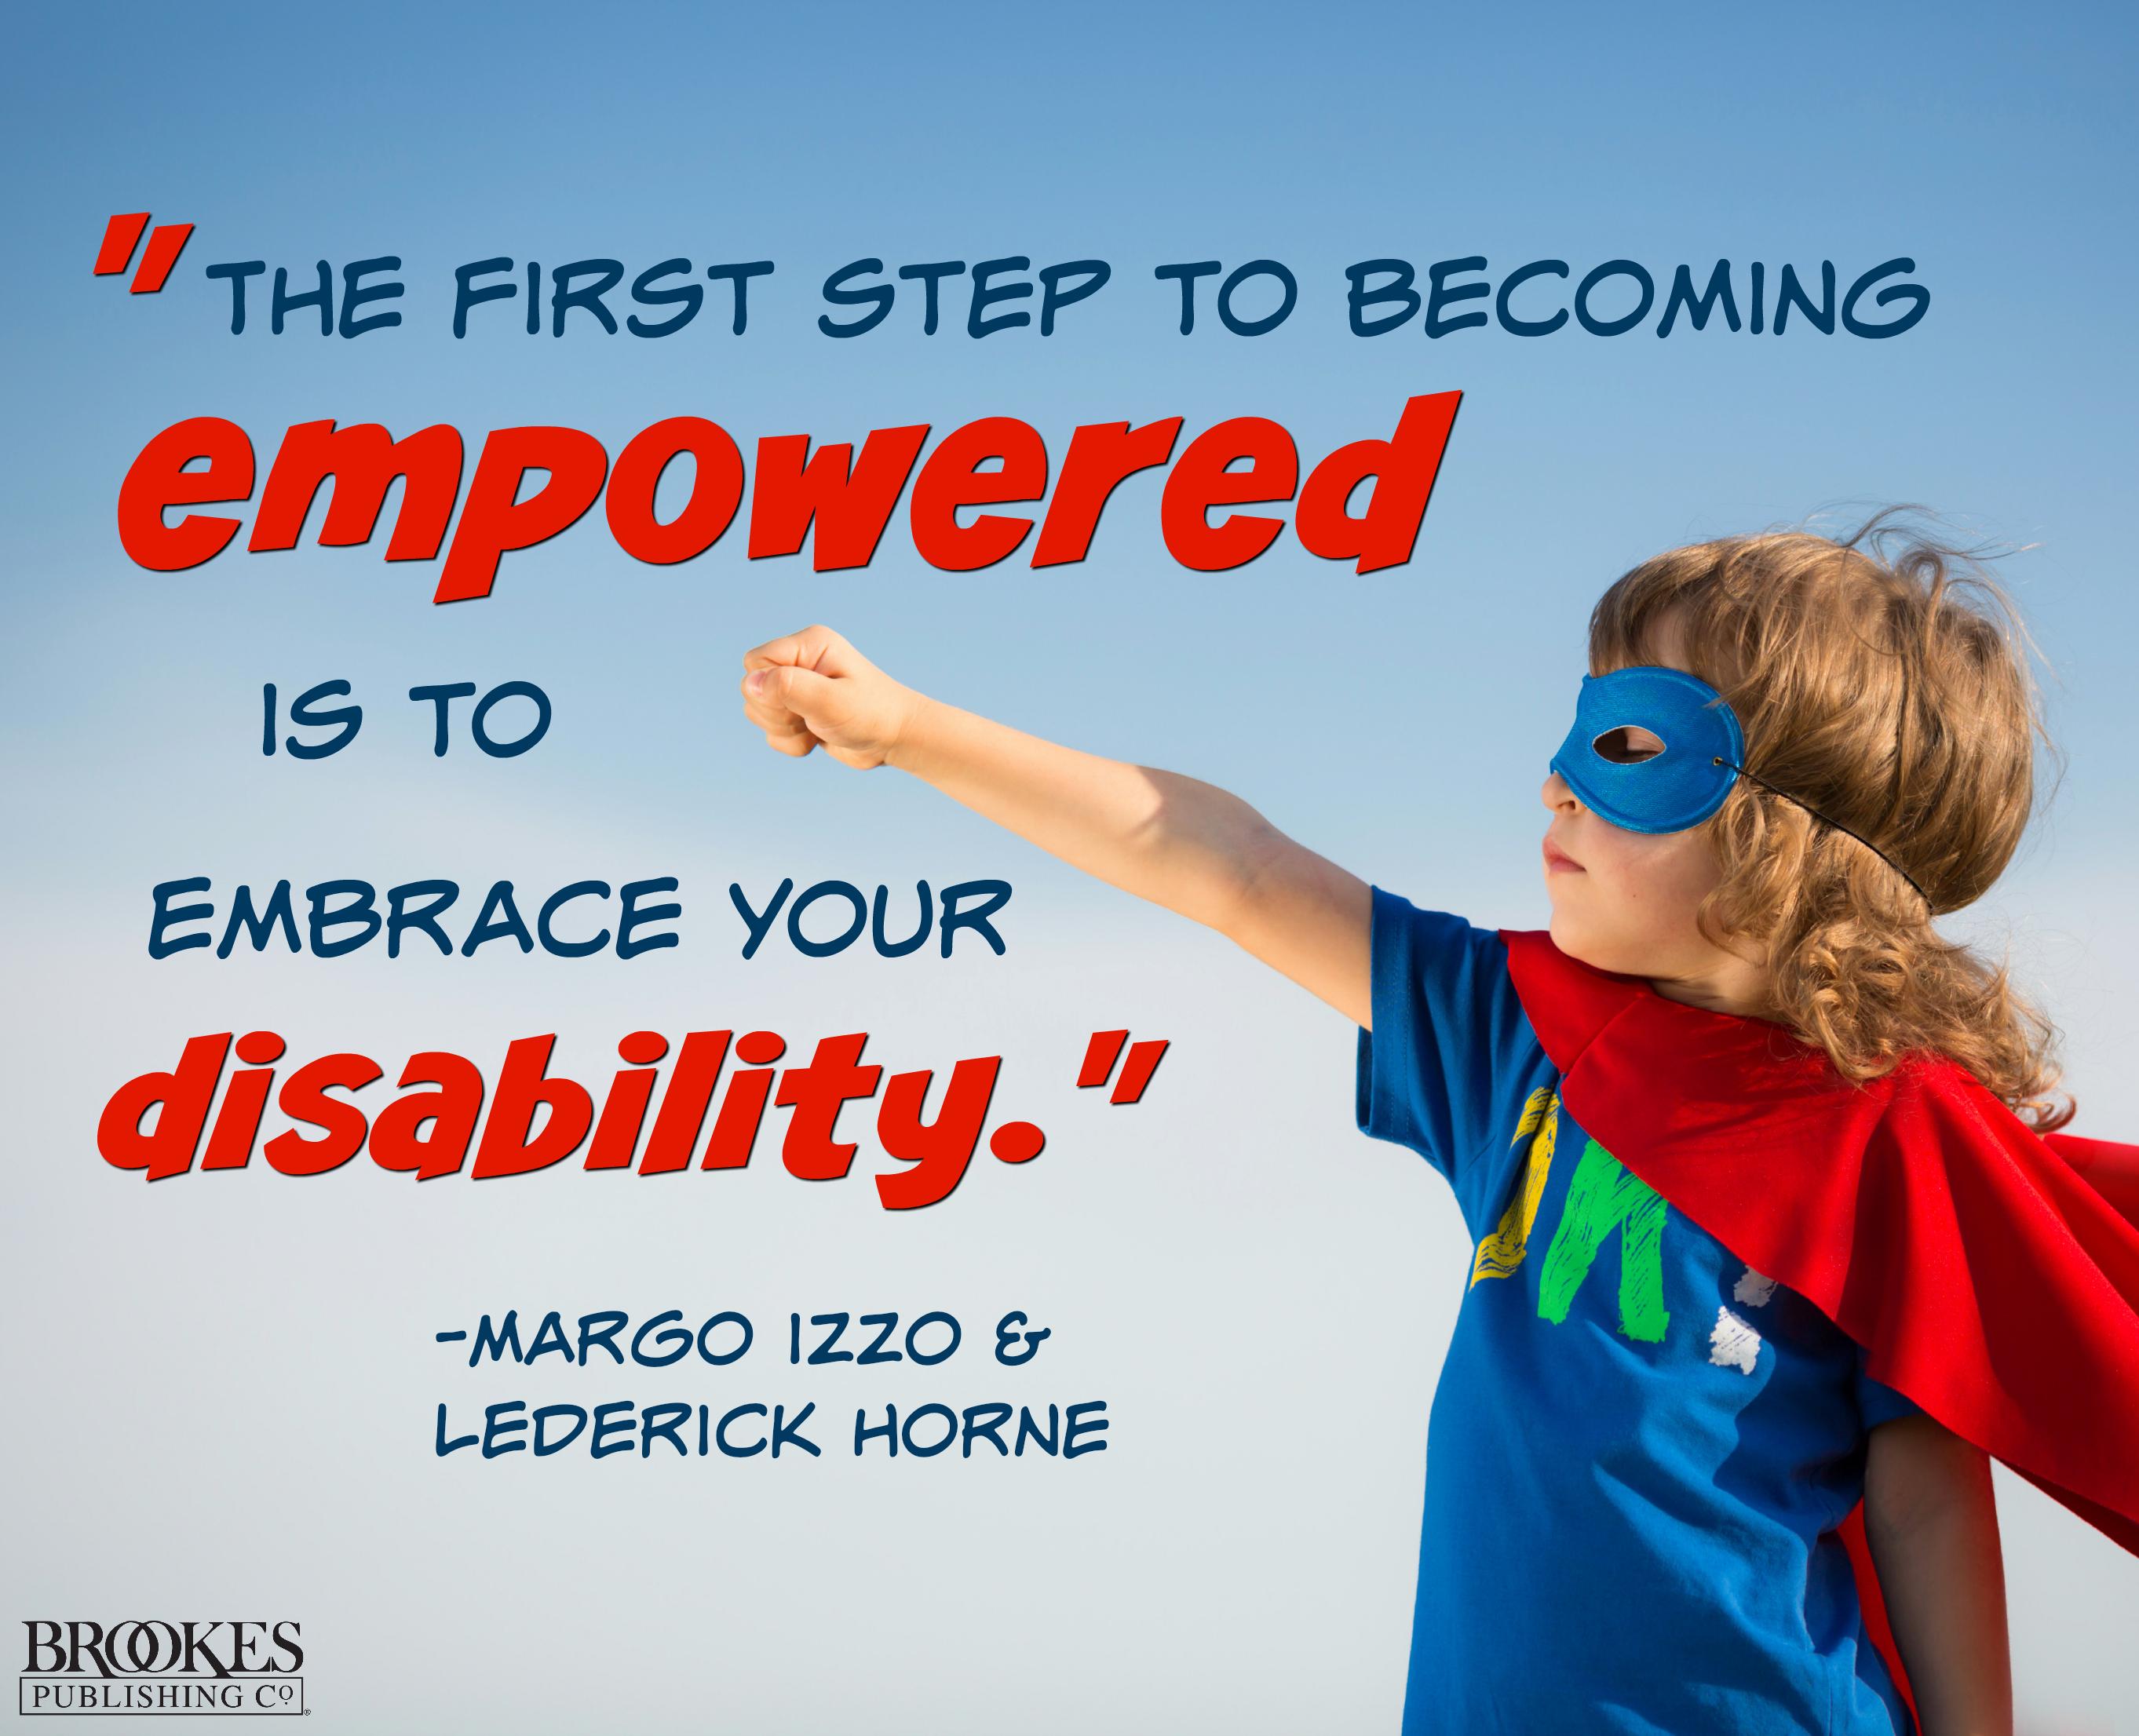 empowered disability margo izzo lederick horne